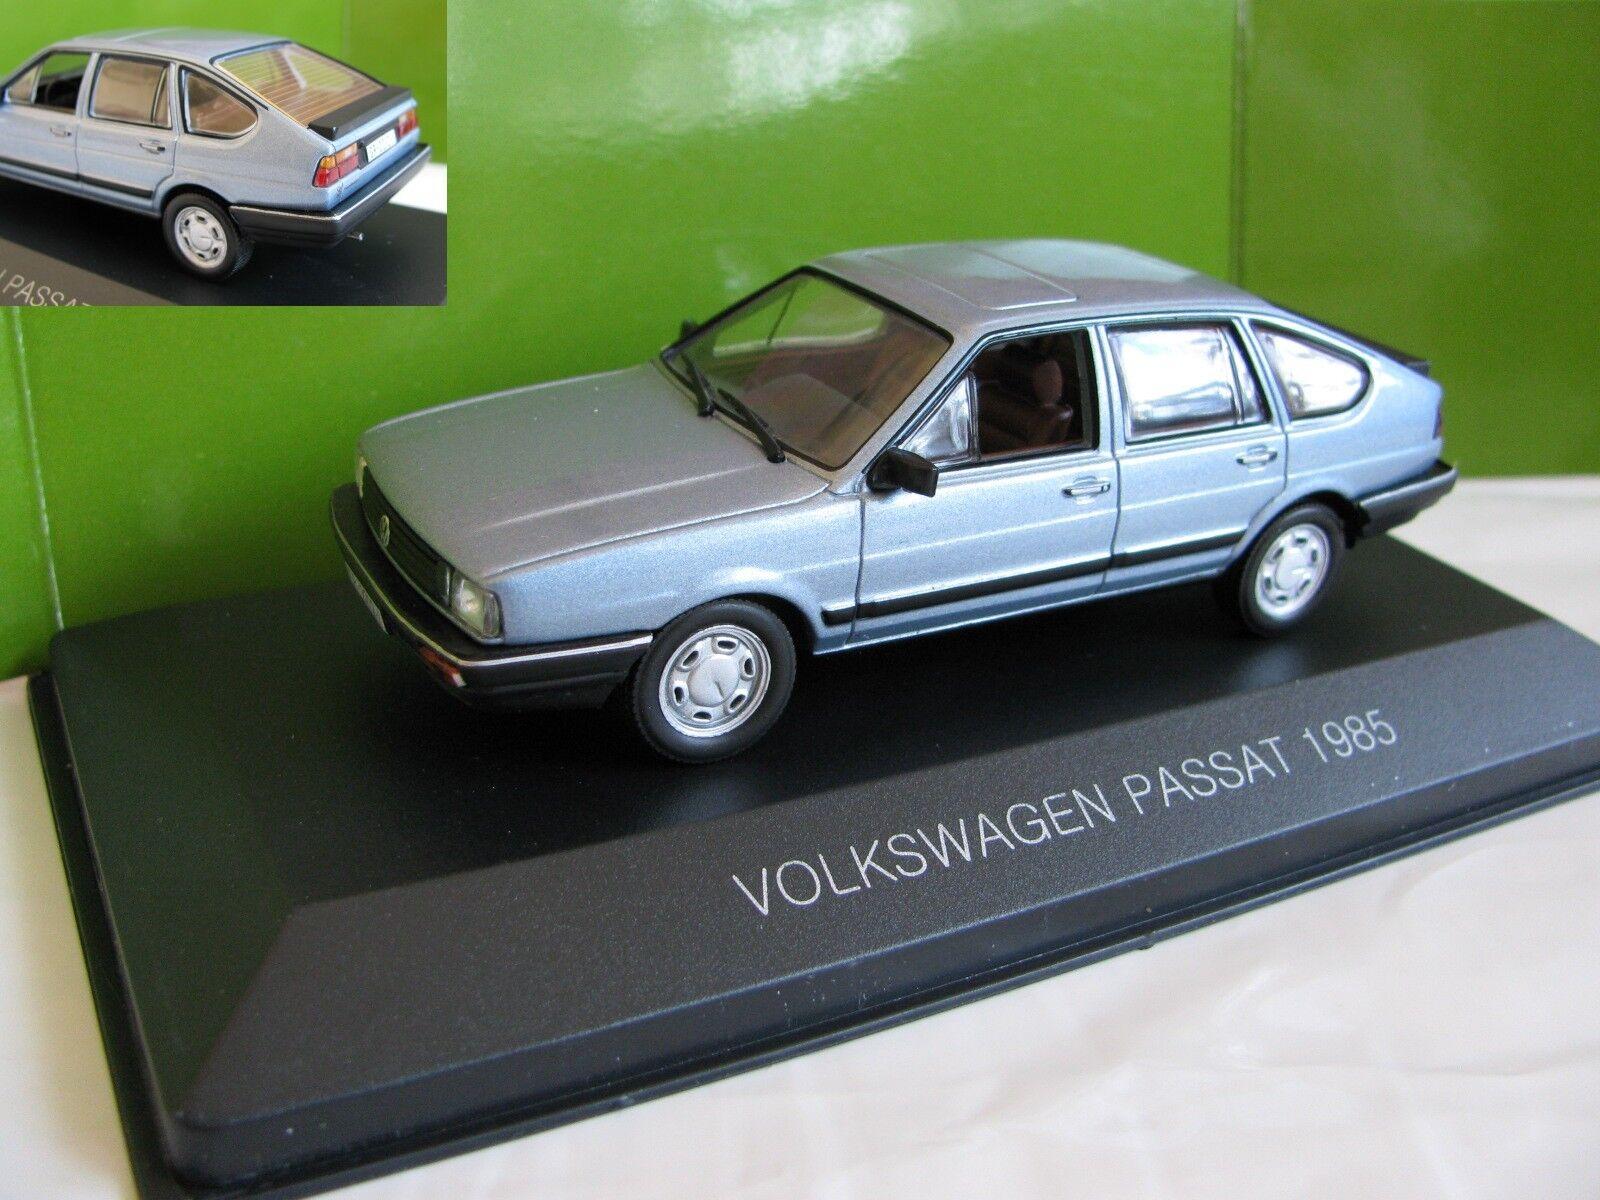 1 43 VW VOLKSWAGEN PASSAT (1985) Diecast